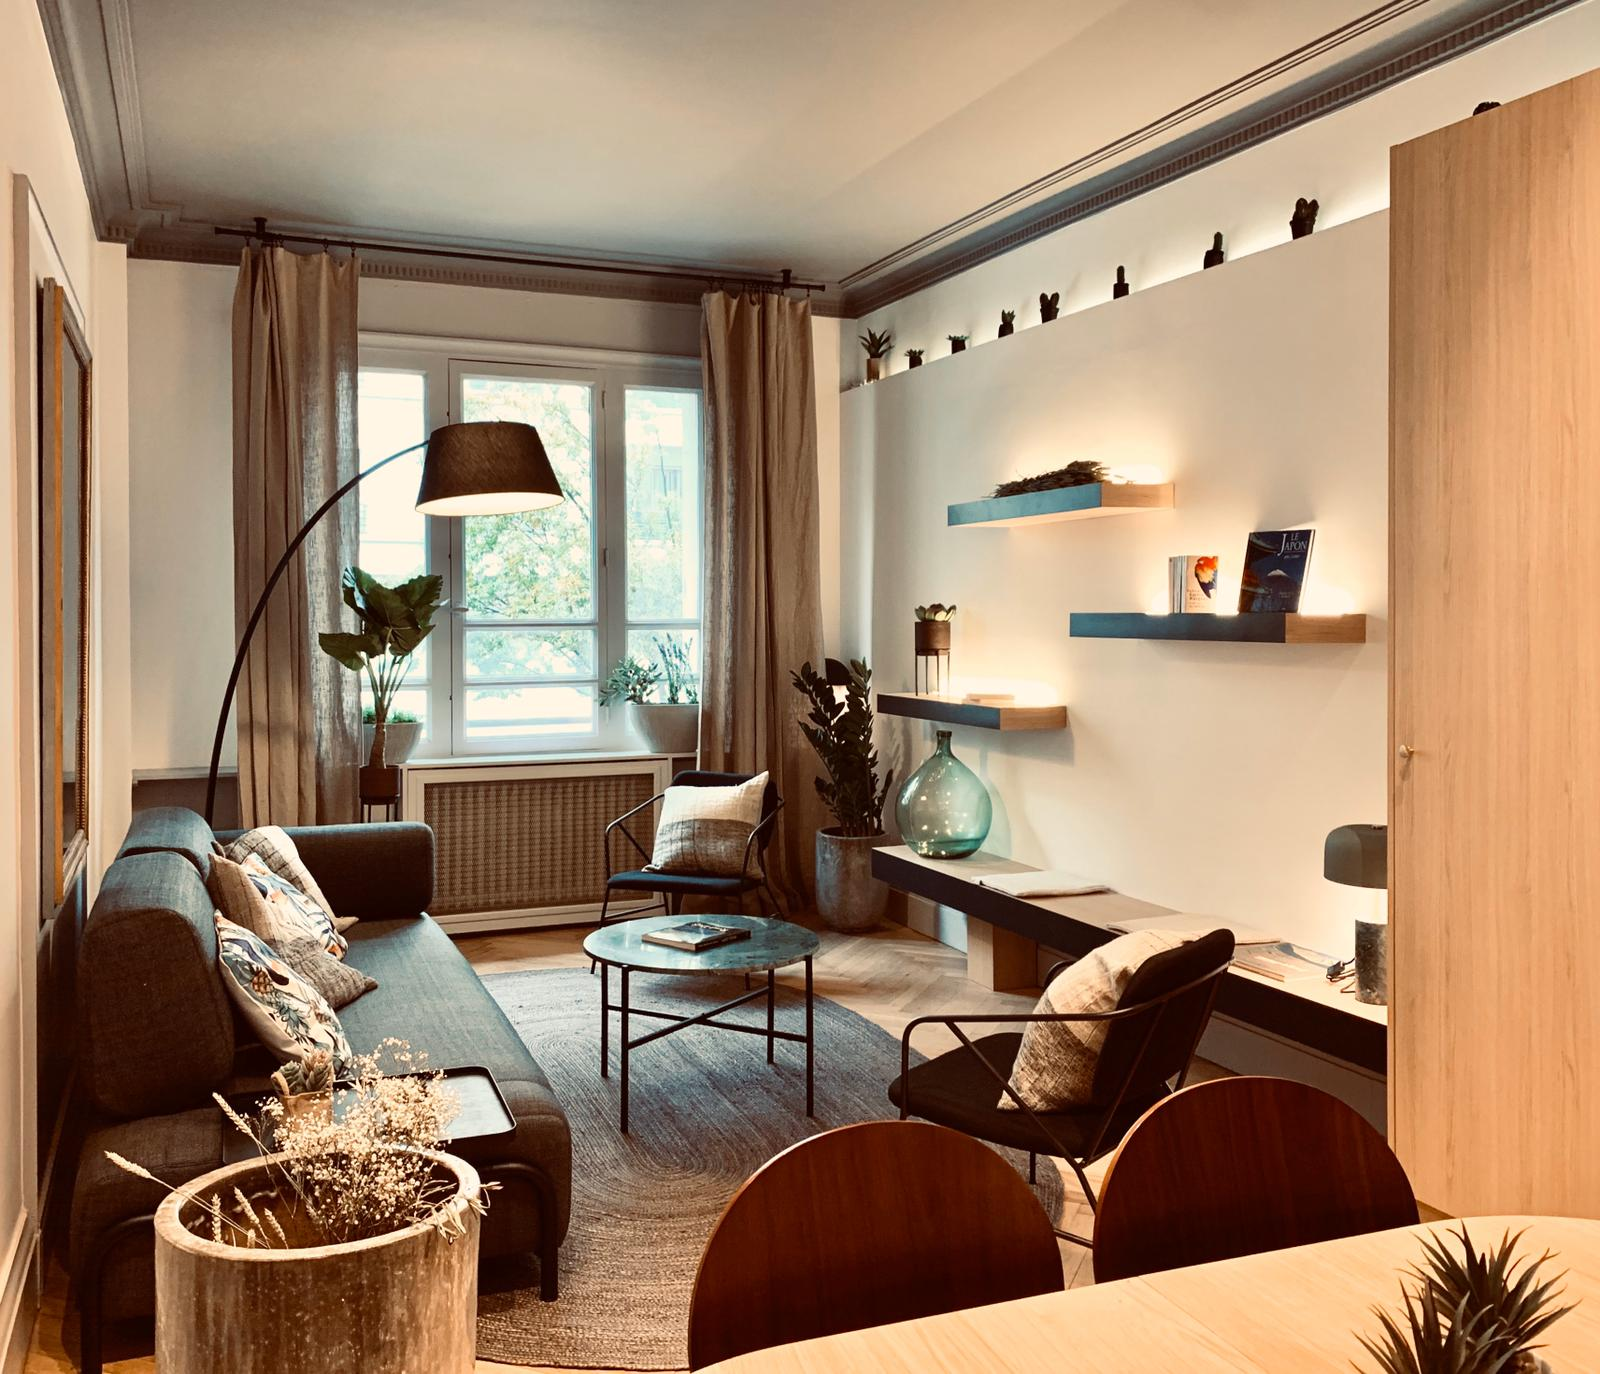 5 bonnes idées de décoration pour un appartement en location meublé.